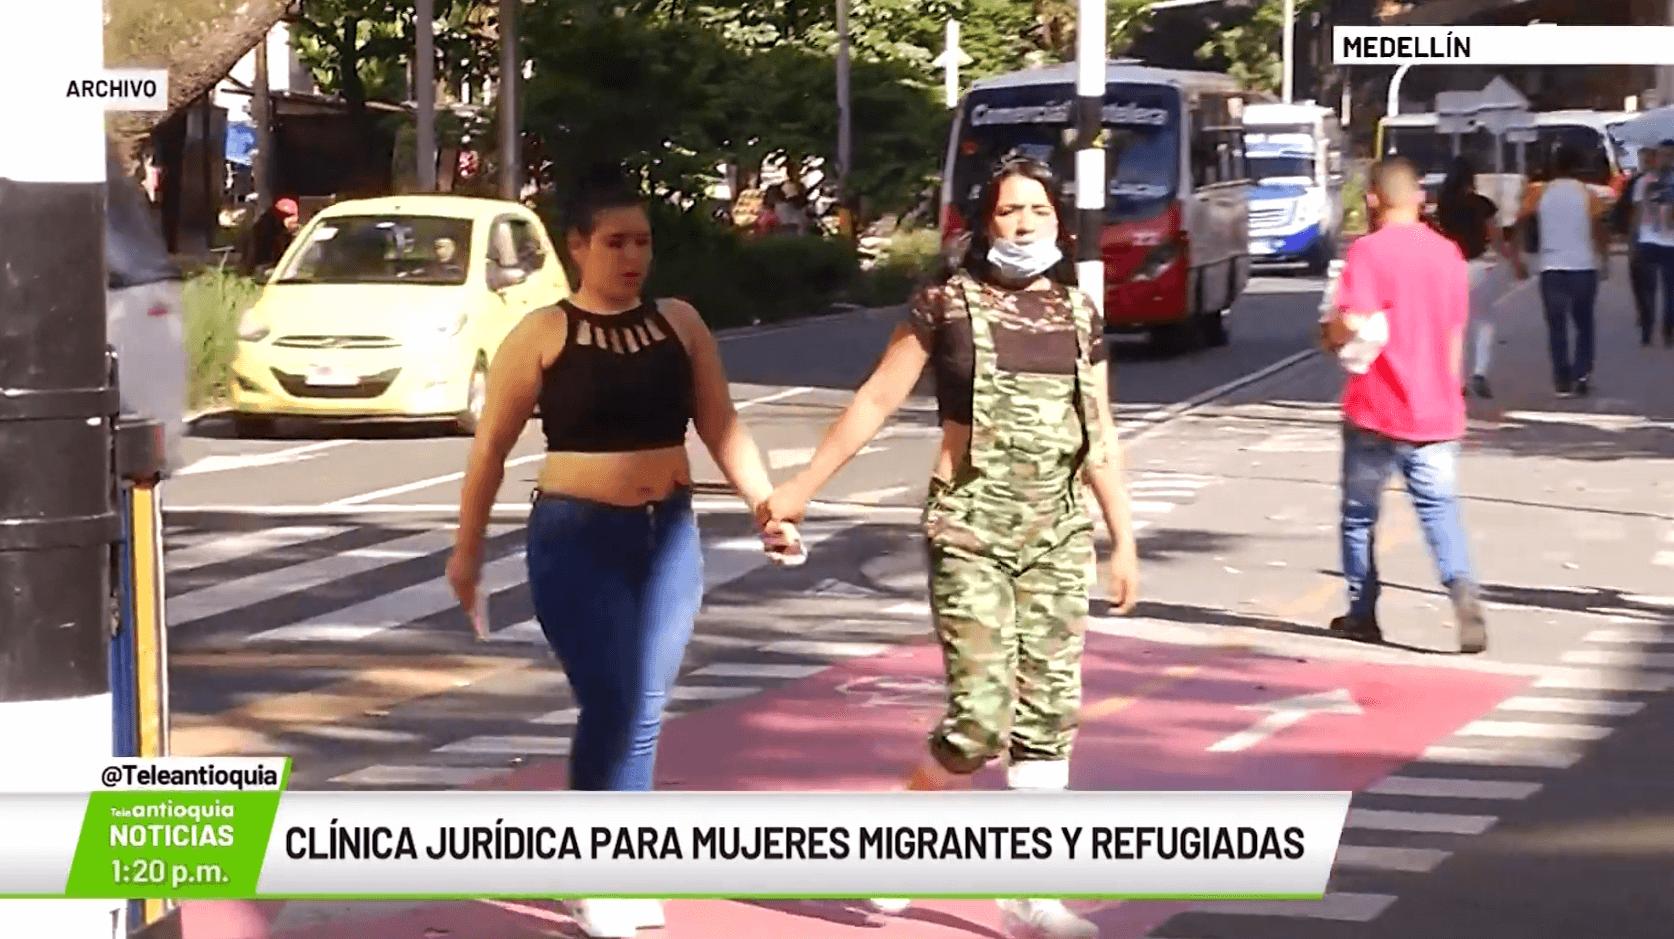 Clínica Jurídica para mujeres migrantes y refugiados